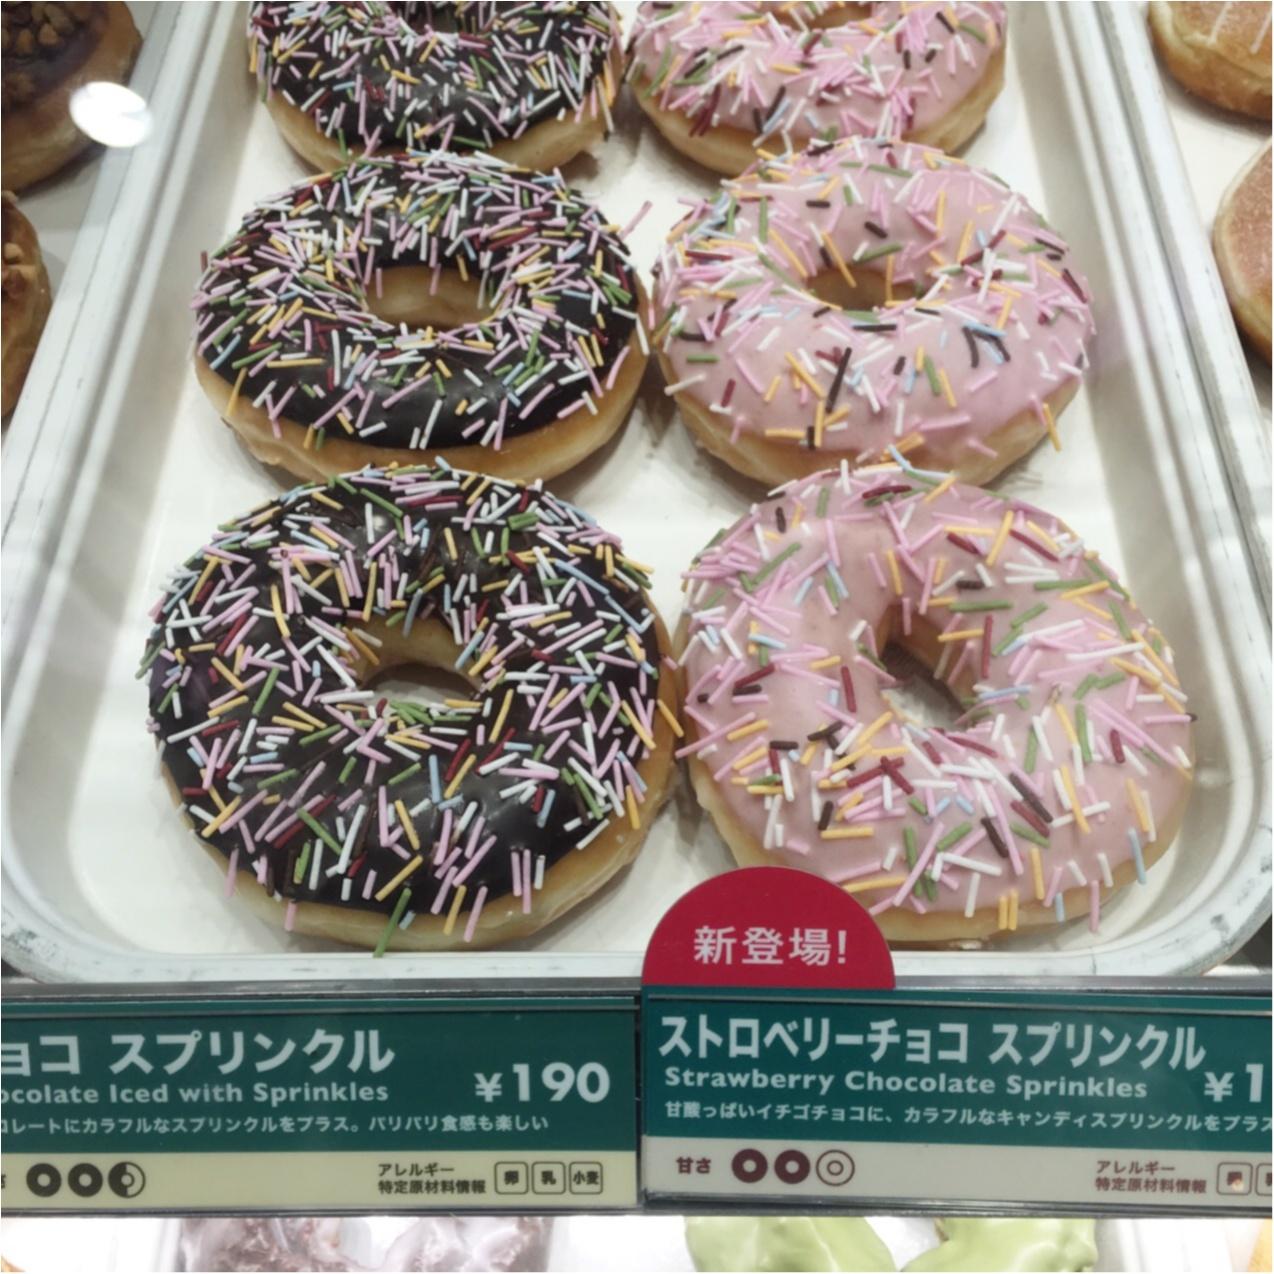 【期間限定】もう食べた?夏限定のクリスピークリームドーナツのフルーツドーナツ♡_3